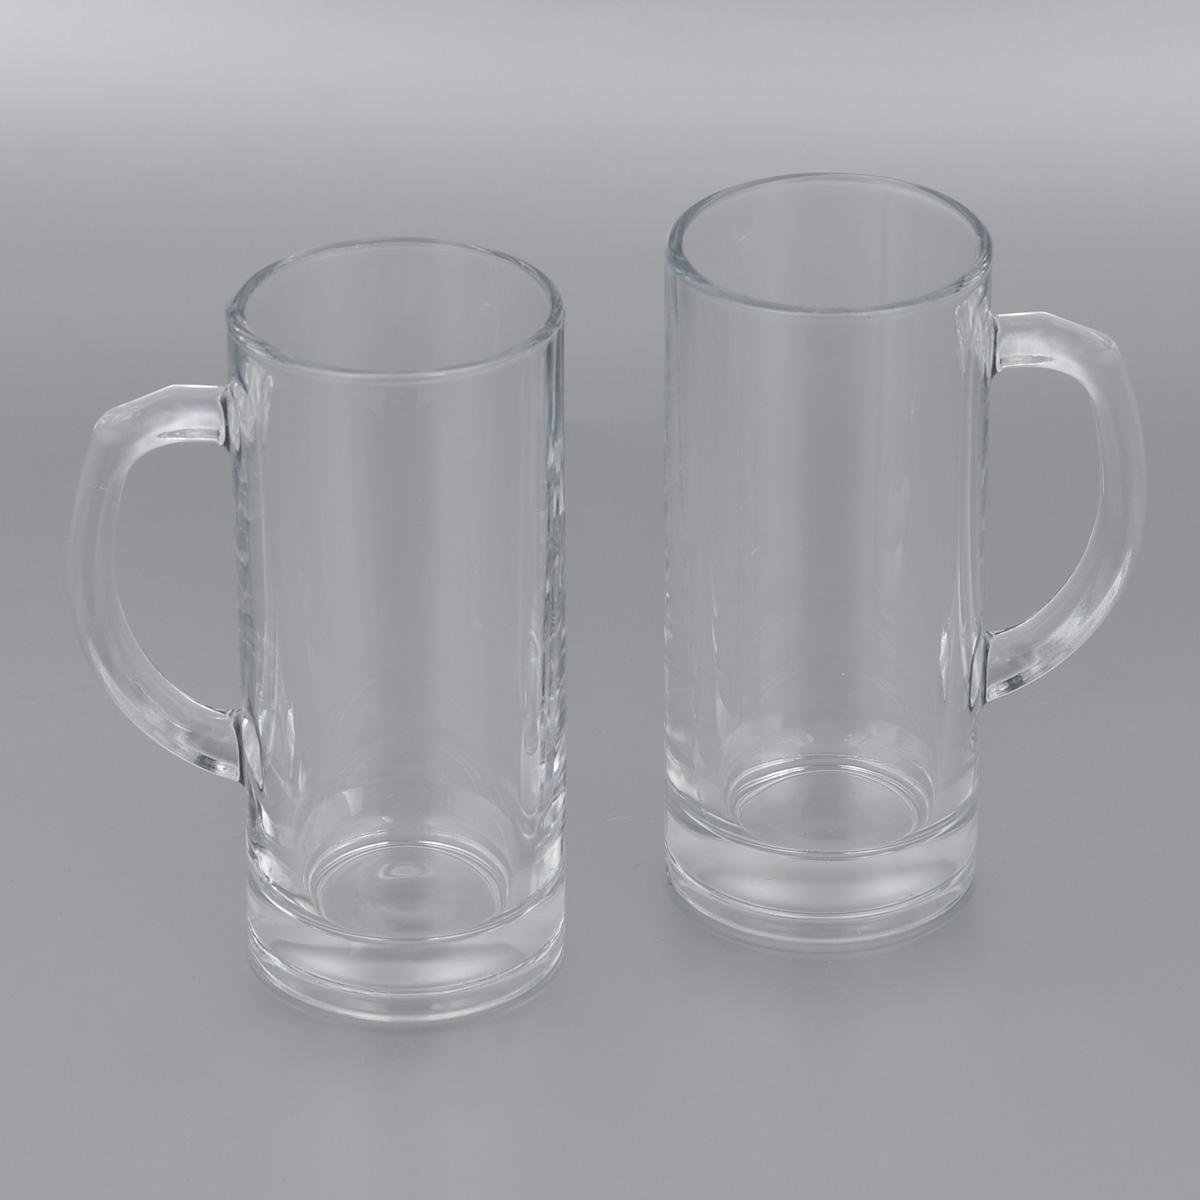 Набор пивных кружек Pasabahce Pub, 380 мл, 2 шт. 55439B55439BНабор Pasabahce Pub состоит из двух пивных кружек, выполненных из прочного натрий-кальций-силикатного стекла. Кружки оснащены удобными ручками и утолщенным дном. Такой набор прекрасно подойдет для любителей пенного напитка.Можно мыть в посудомоечной машине и использовать в микроволновой печи.Высота кружки: 16,5 см.Диаметр кружки (по верхнему краю): 7 см.380 мл